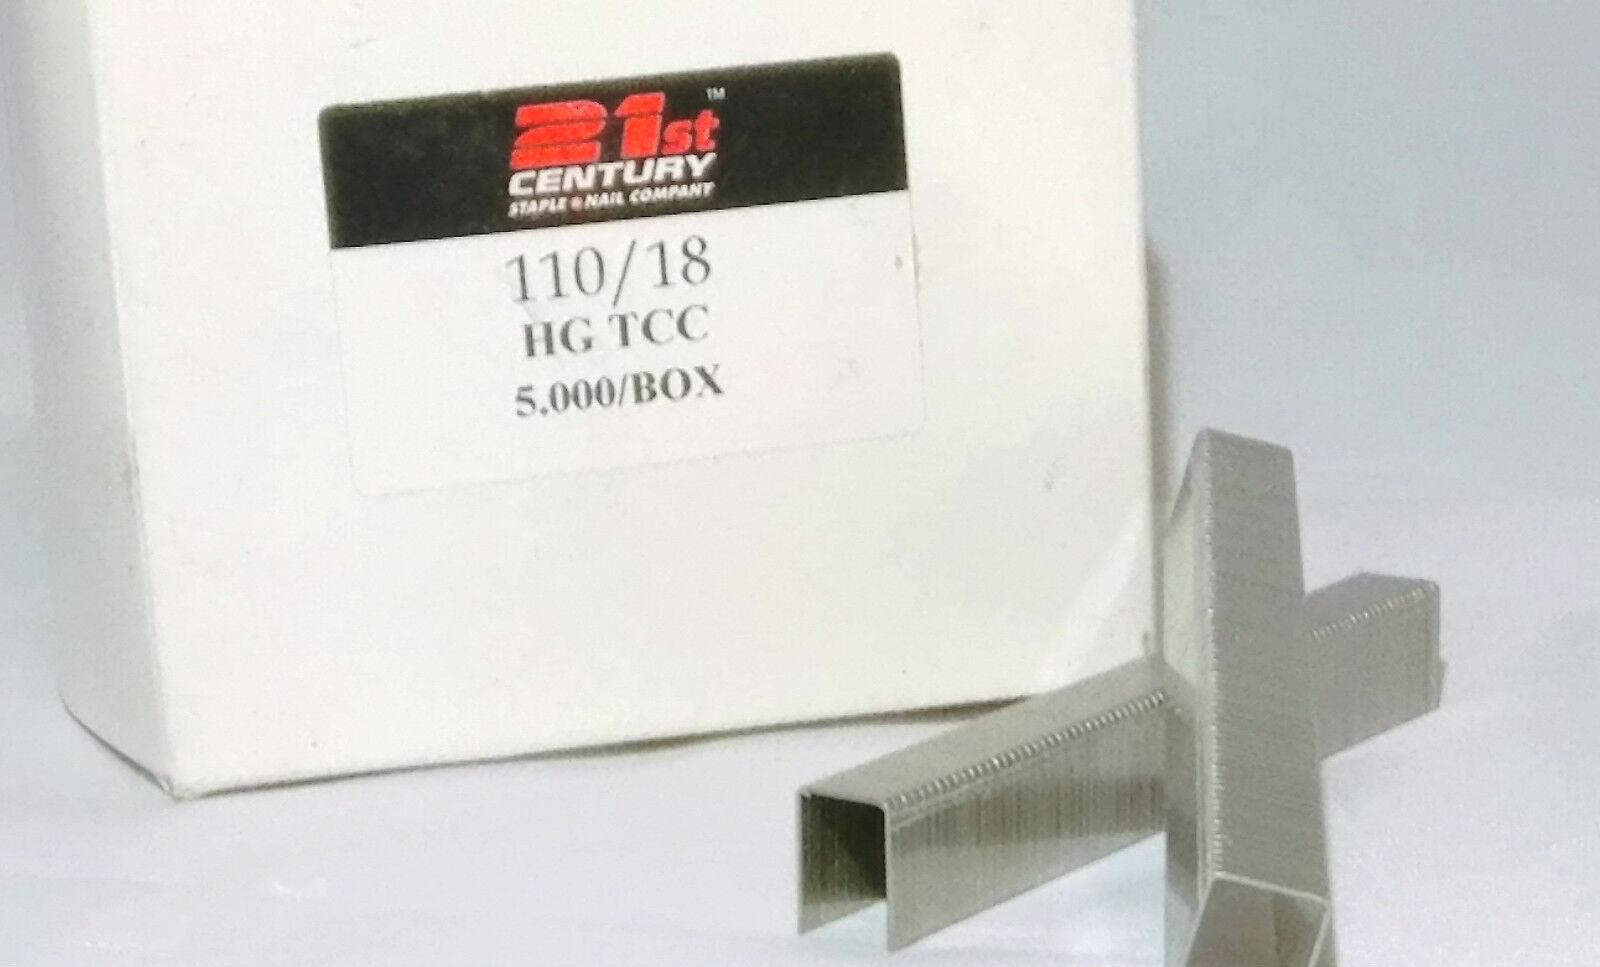 21st CENTURY 110/18 BEDDING PLIER STAPLES 5 BOX BUNDLE